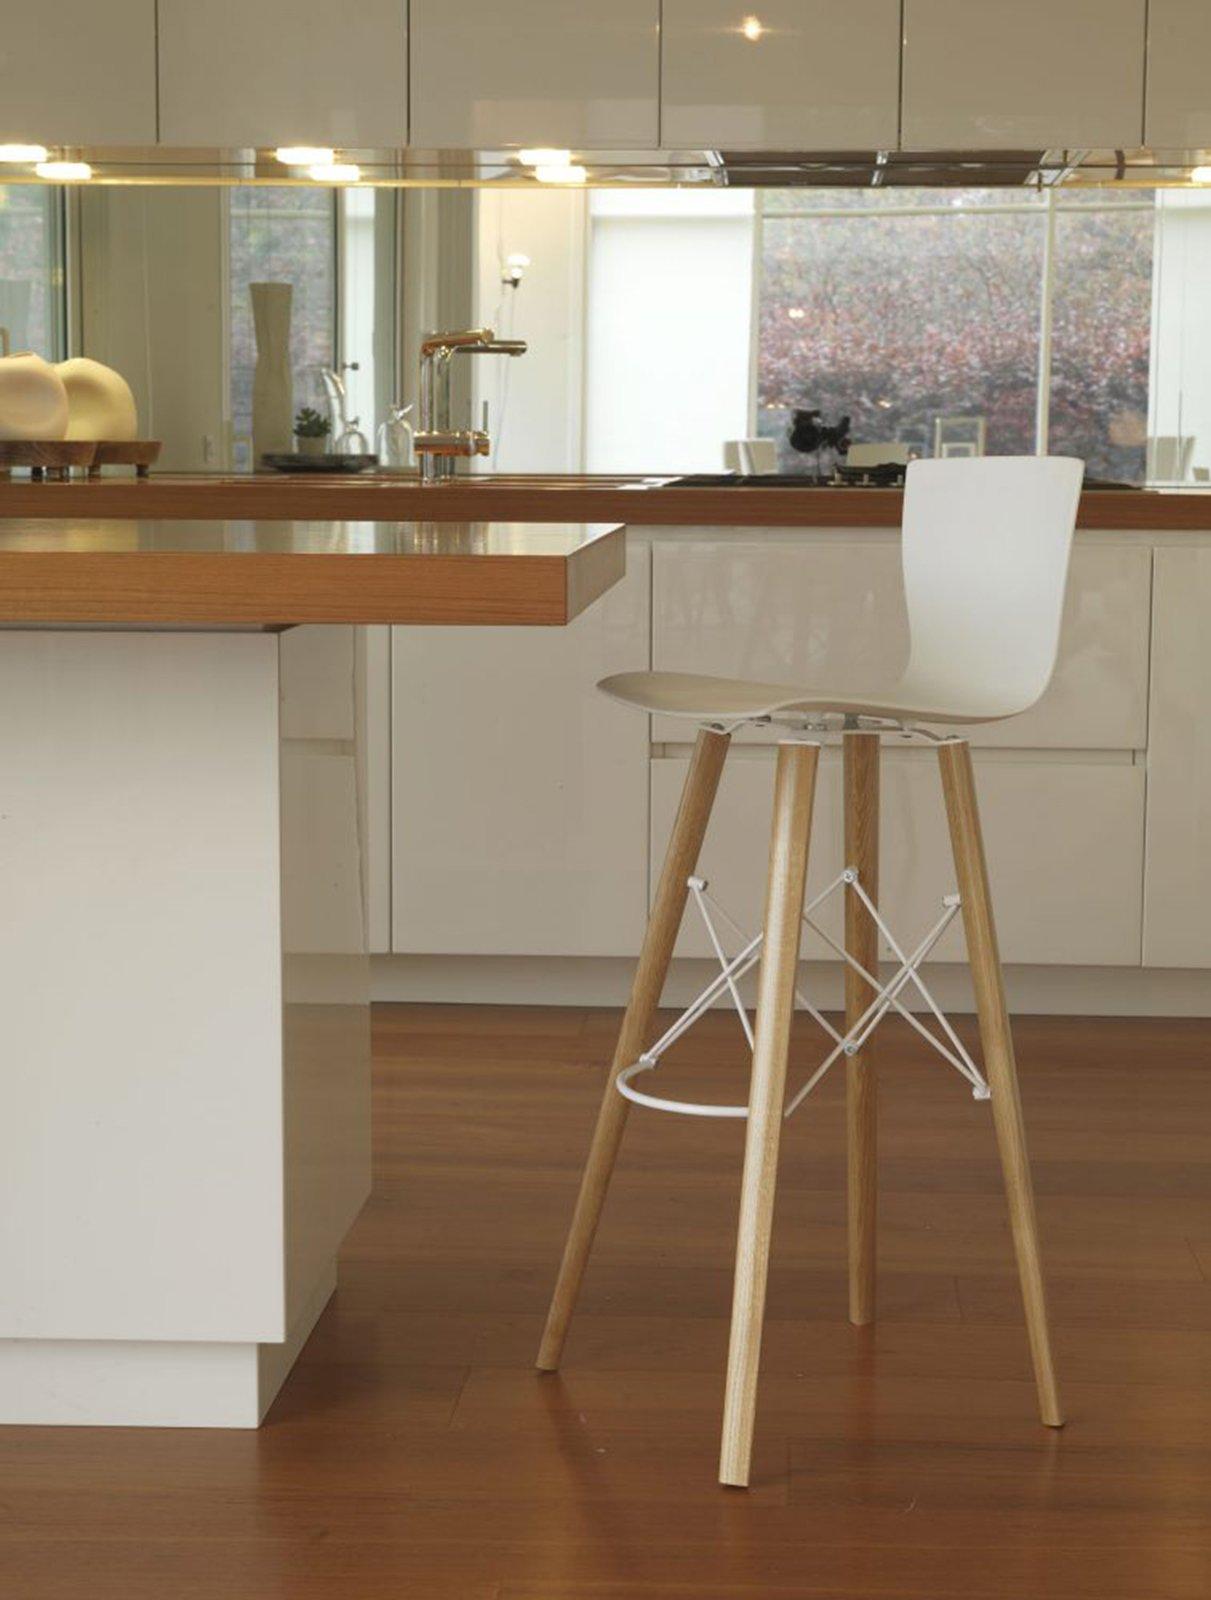 Sgabelli scegli il tuo stile cose di casa - Altezza sgabelli cucina ...